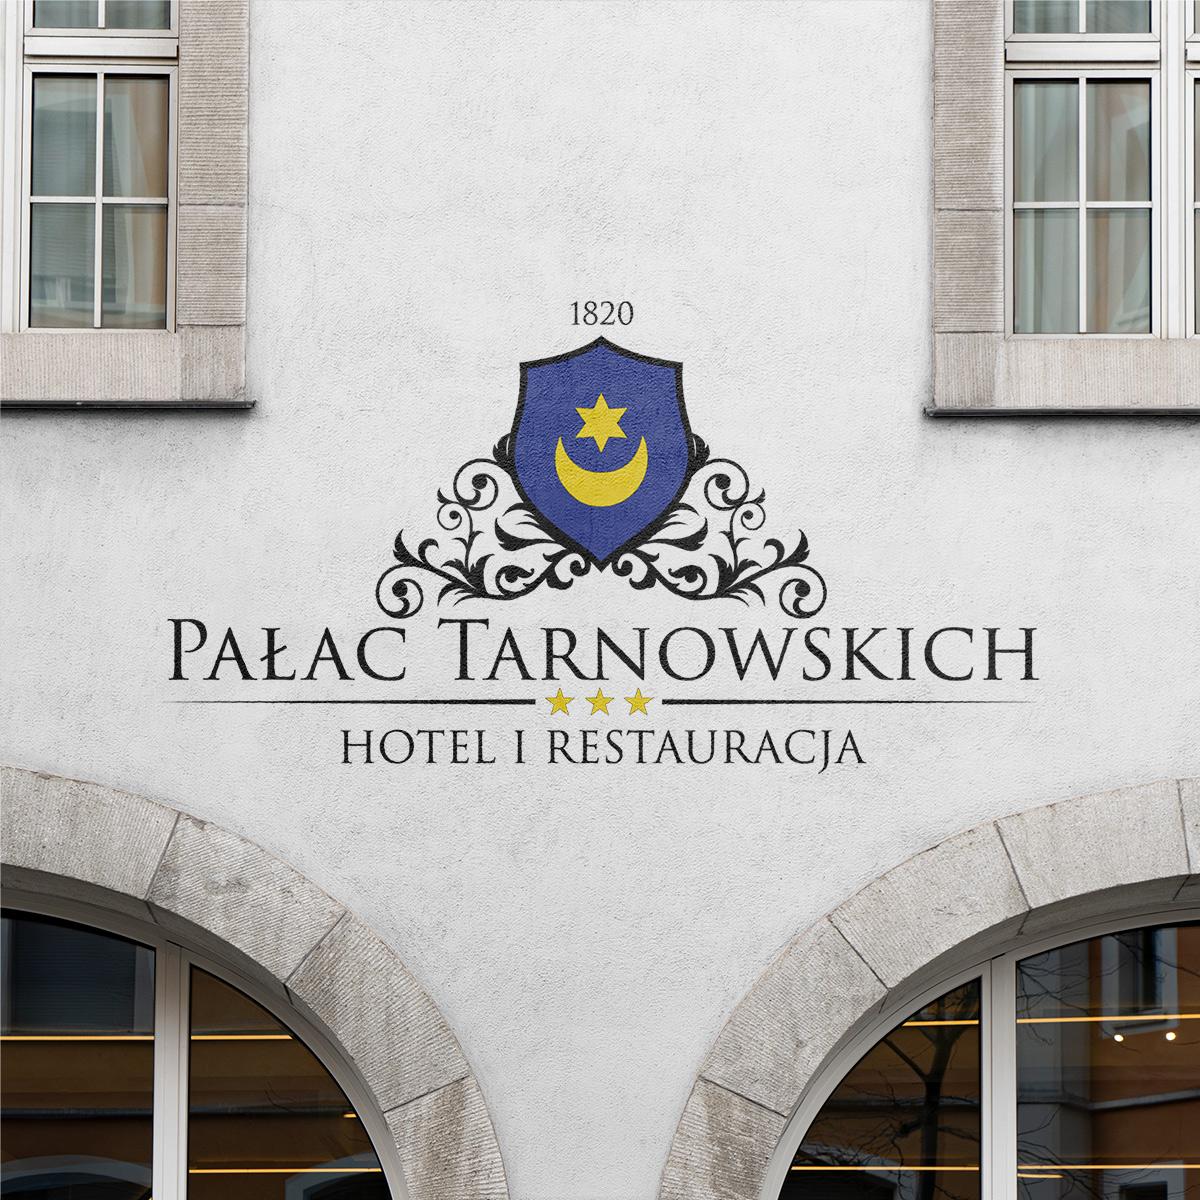 logo pałac tarnowskich